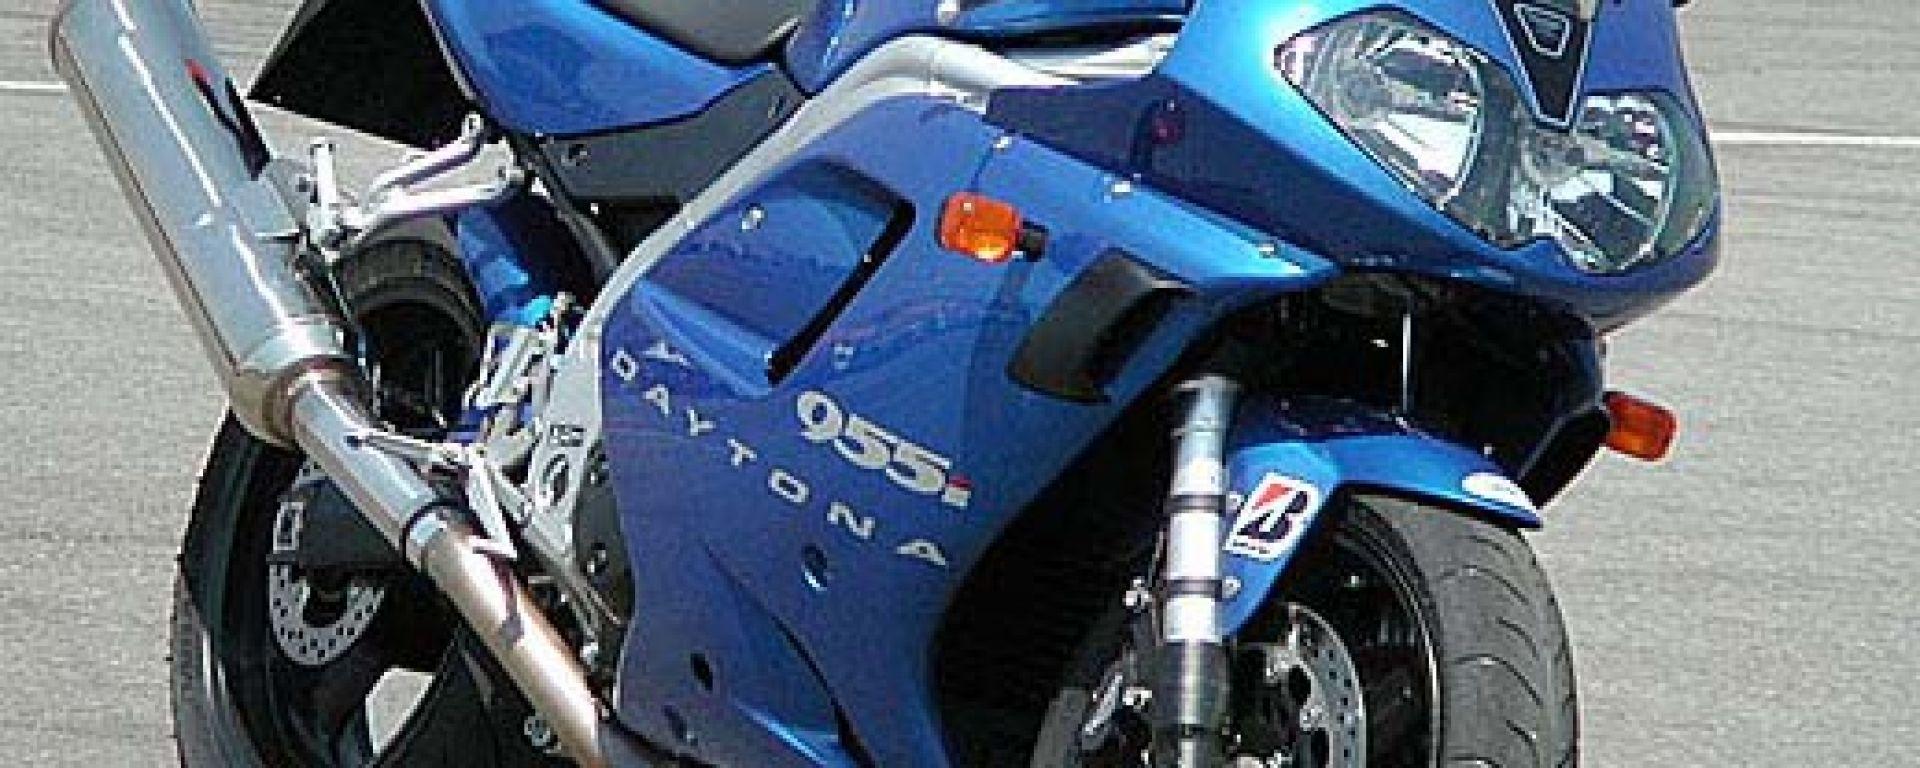 Triumph Daytona 955i my 2001